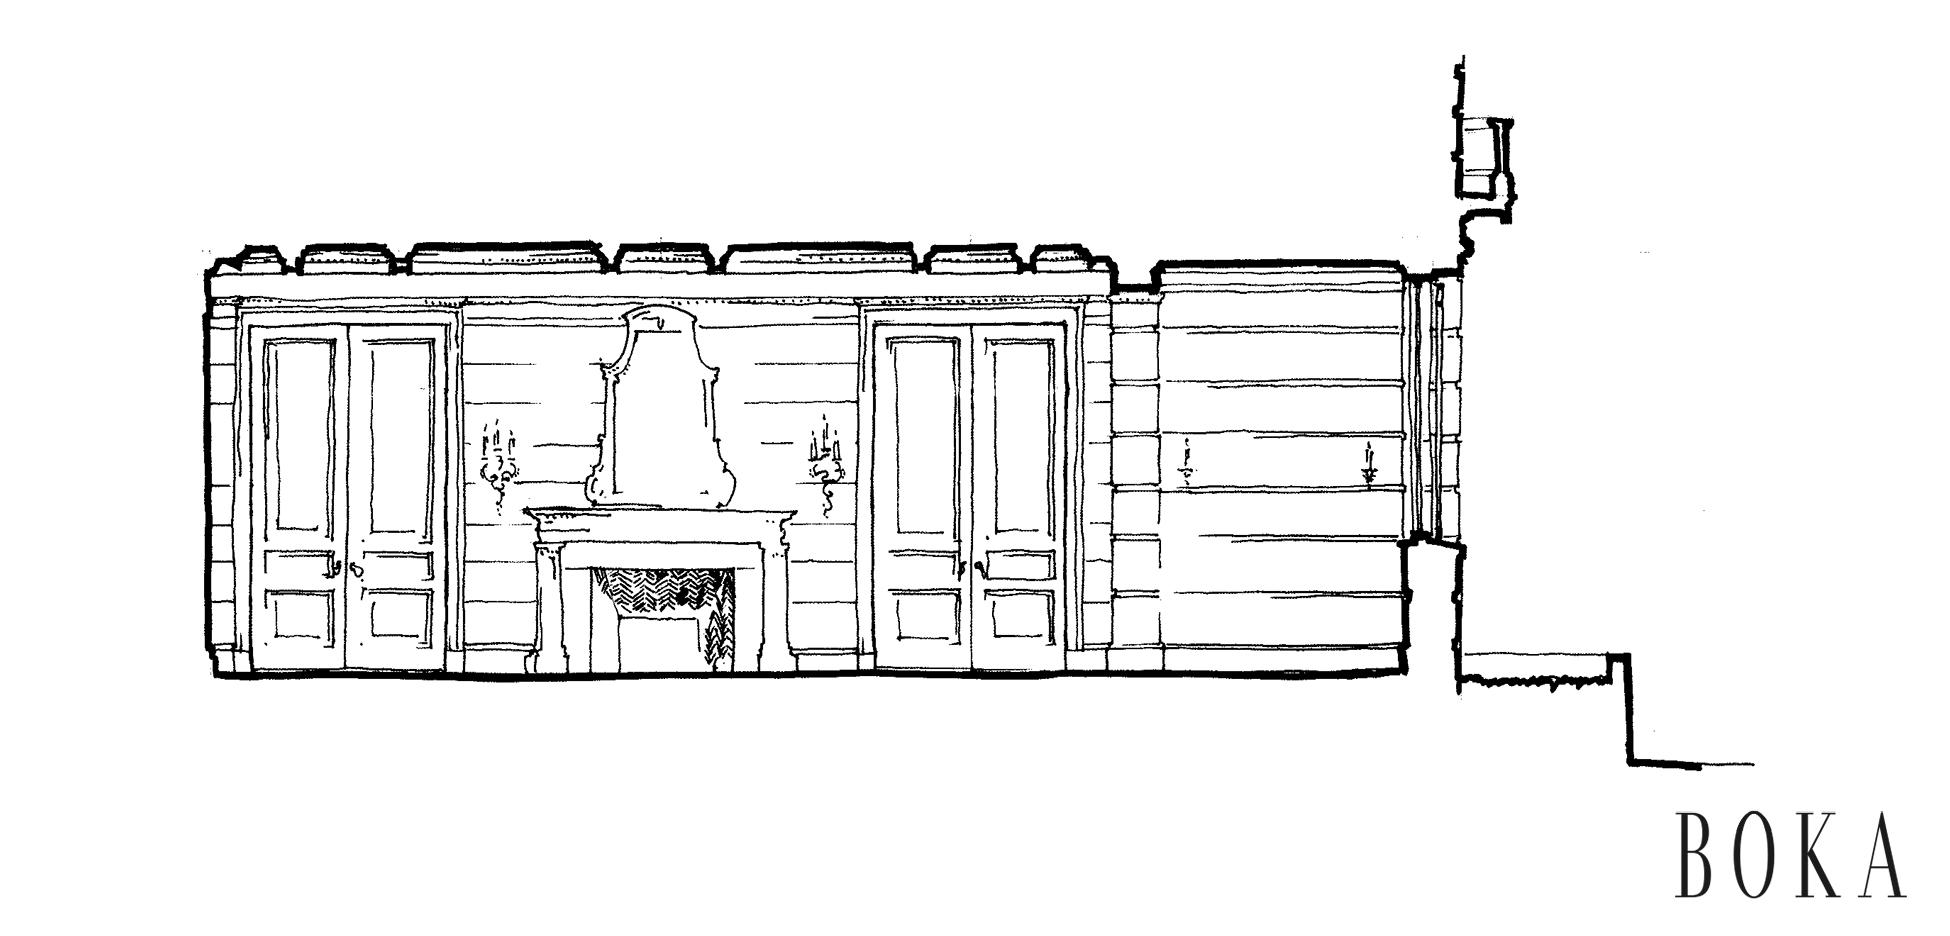 13 Upper Eastside Townhouse Interior